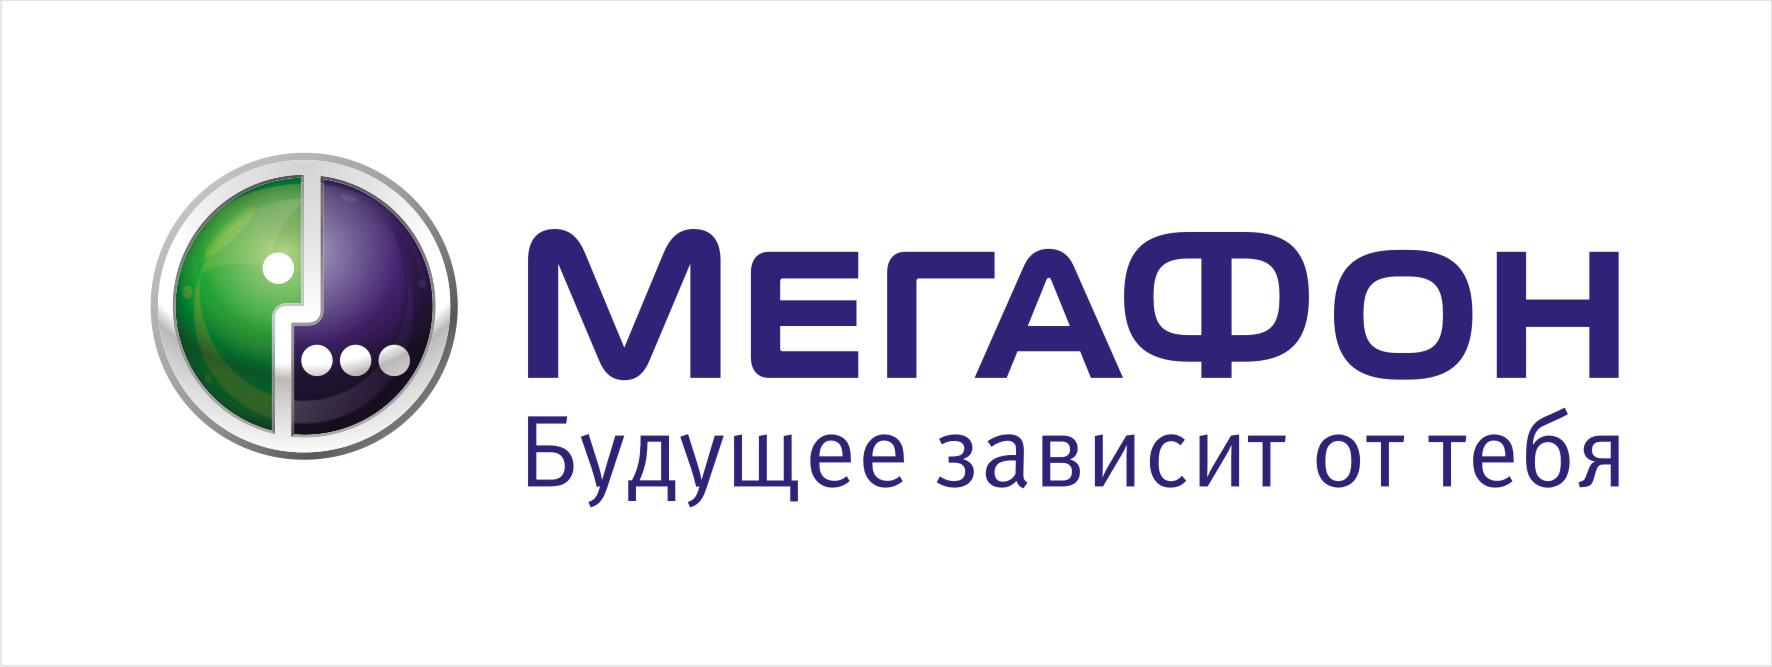 logomf.jpg